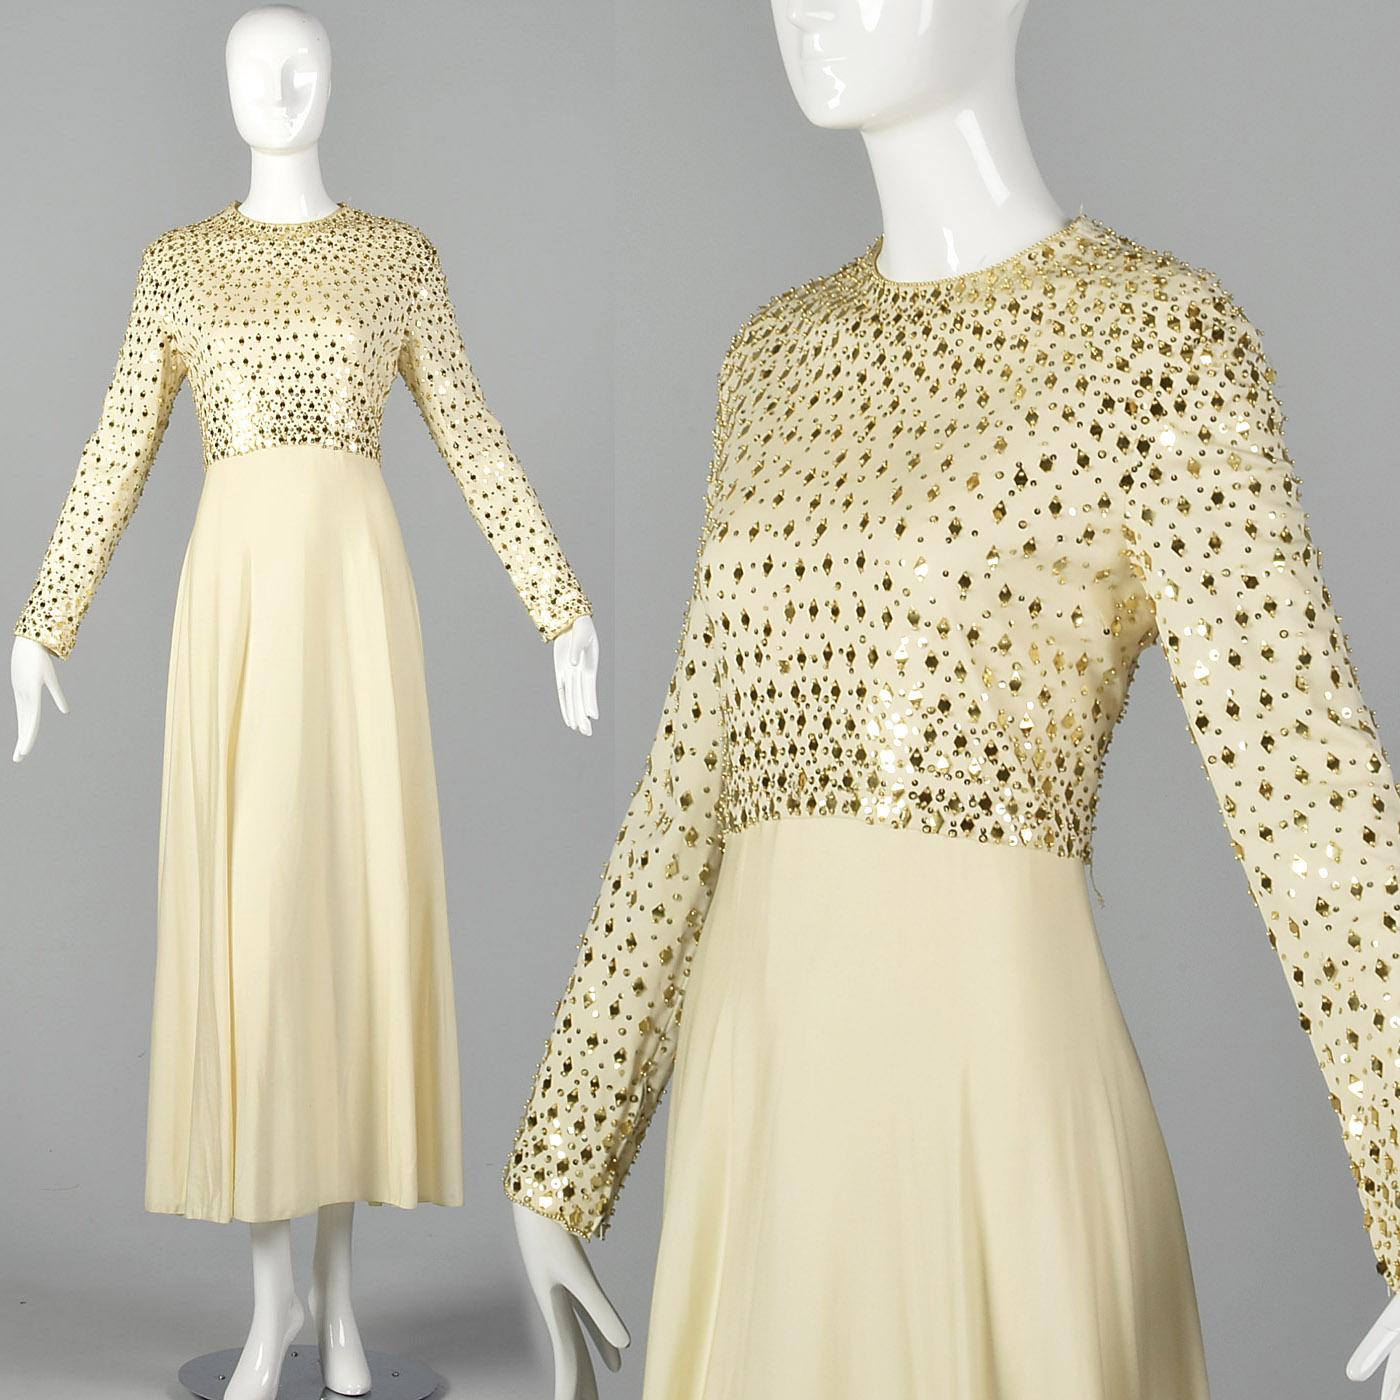 93b3971e99 Gold And Cream Evening Dresses - Gomes Weine AG